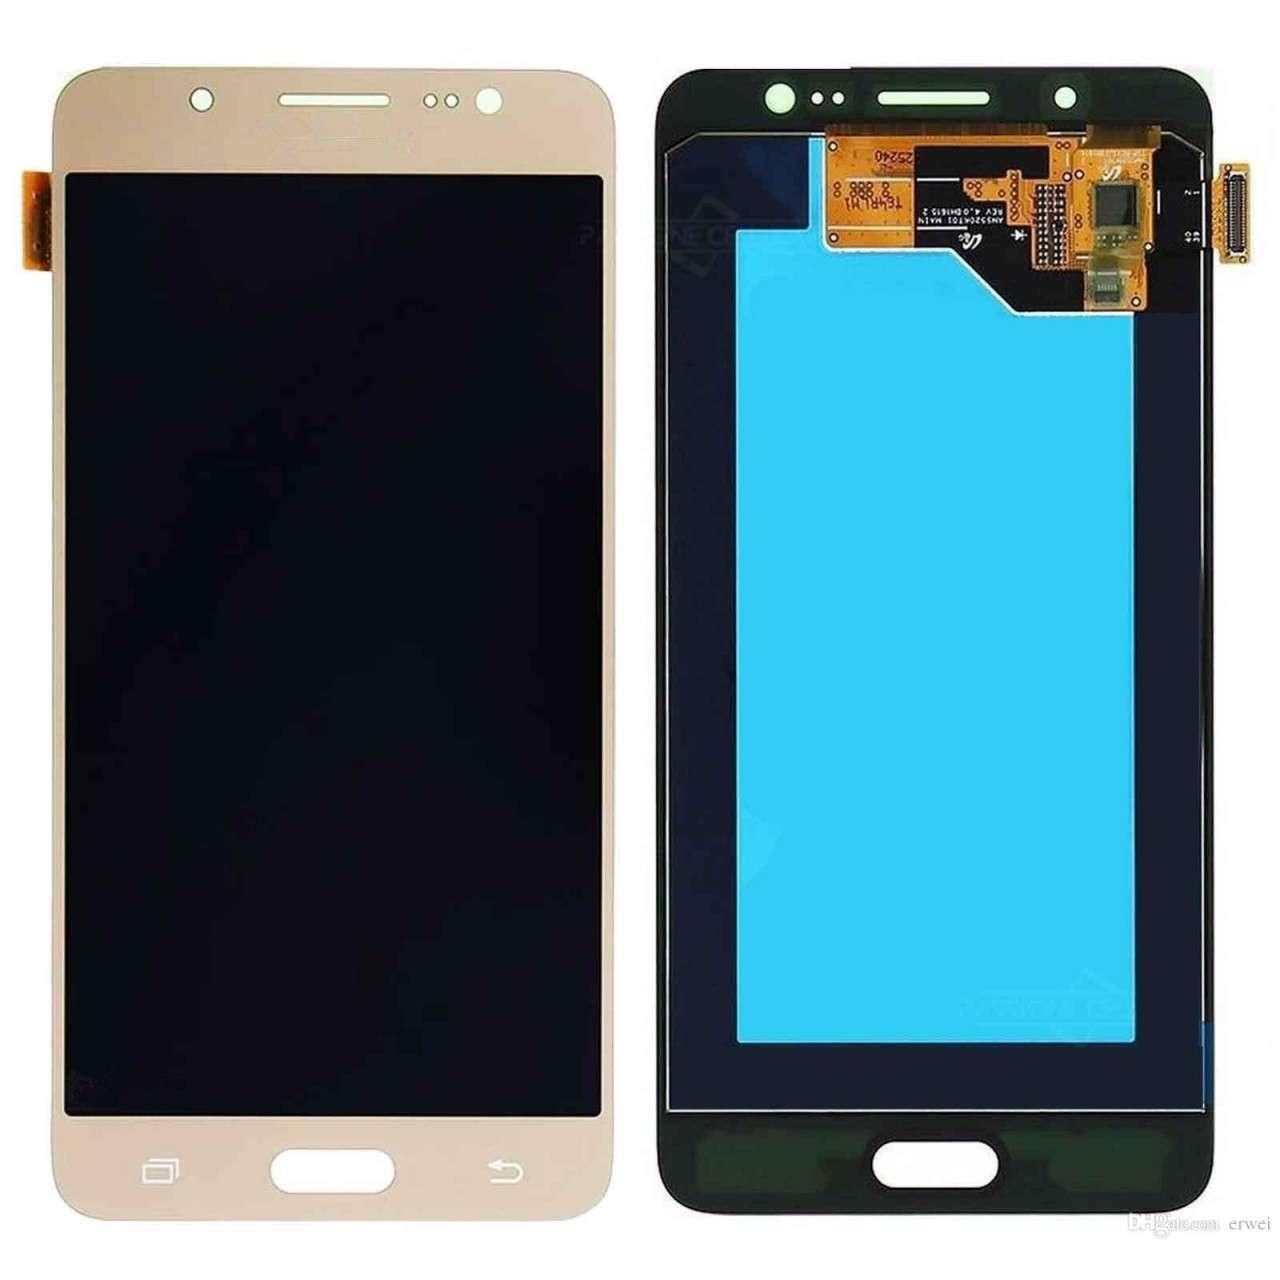 Display Samsung Galaxy J5 2016 J510FN Display OLED AAA Gold Auriu imagine powerlaptop.ro 2021